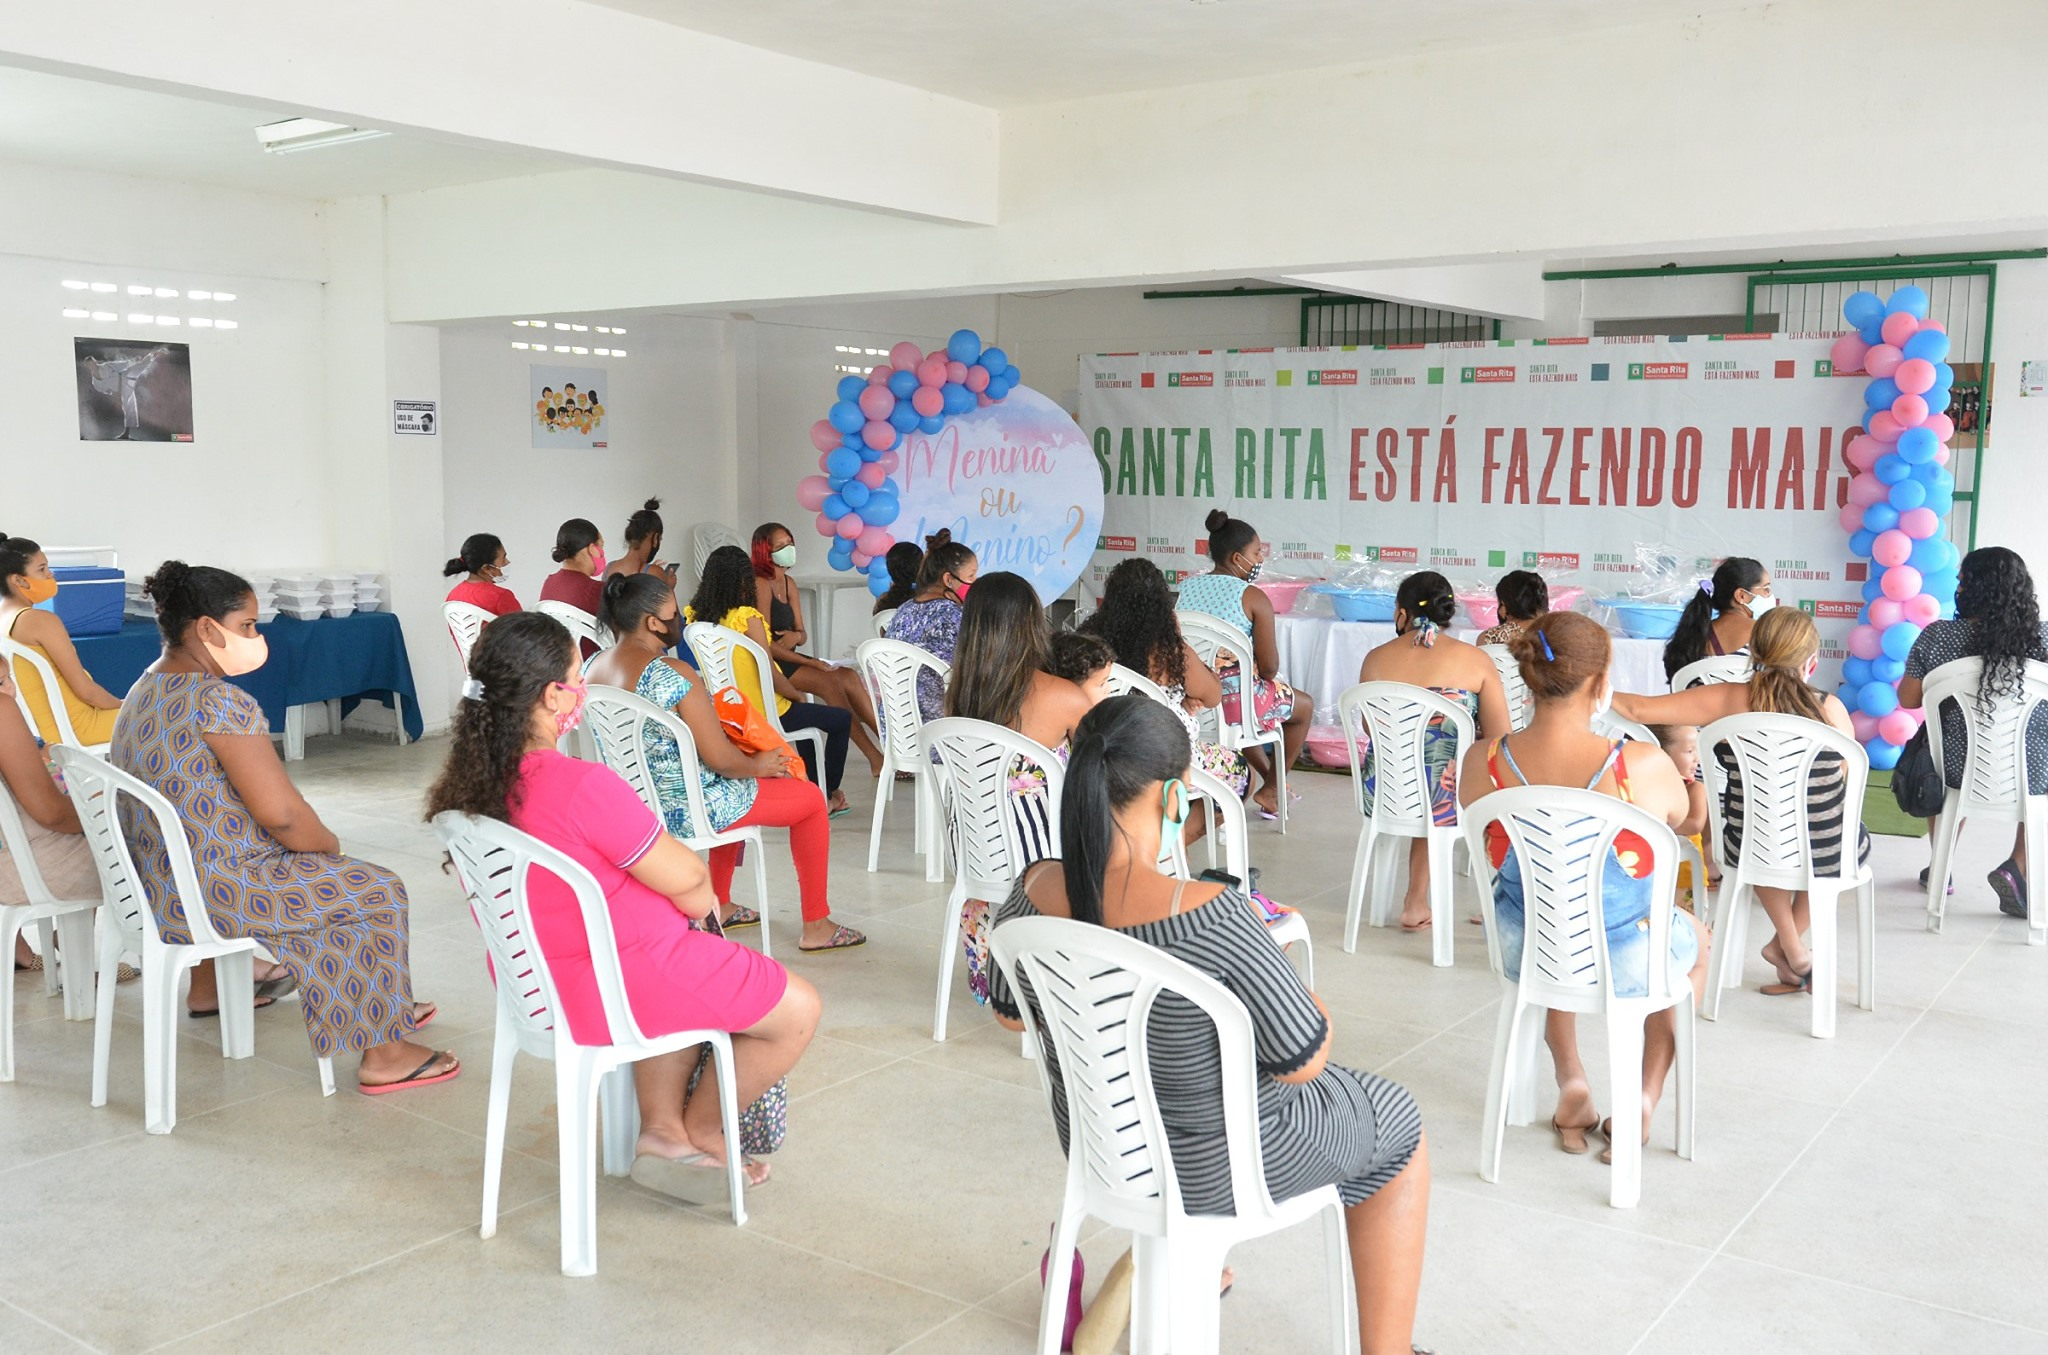 Prefeitura de Santa Rita entrega kits de enxovais e fortalece proteção social às famílias